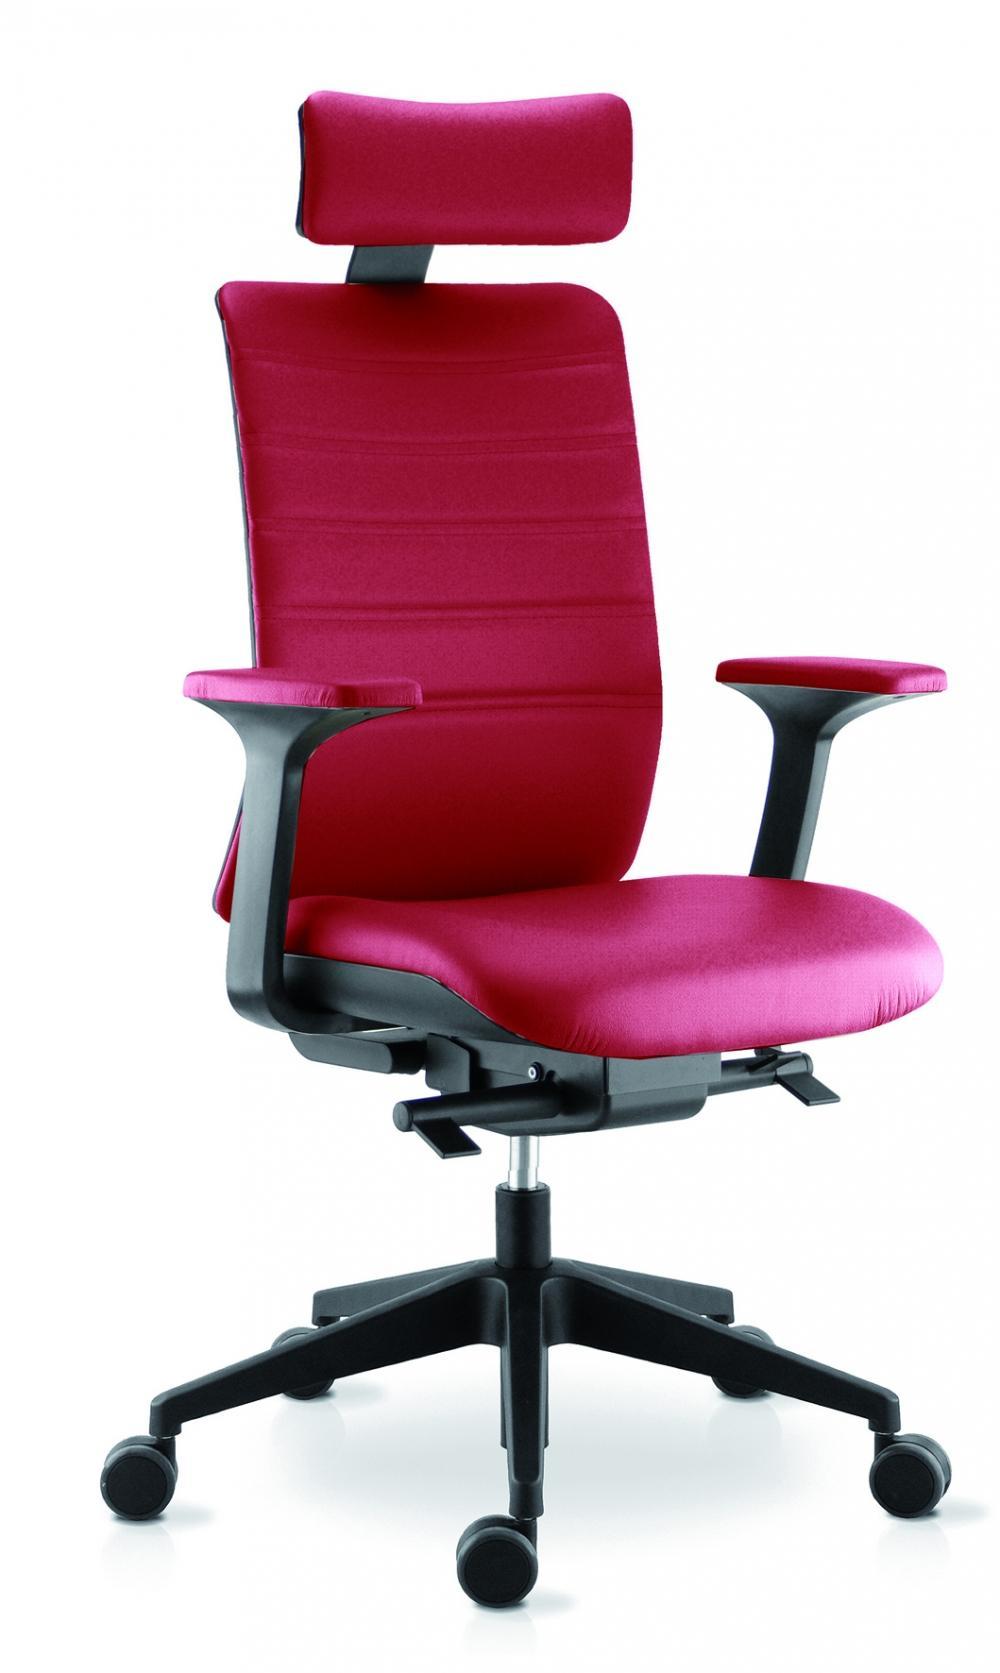 soksid wimaxrg fauteuil de direction wi max burodepo meubles et mobilier de bureau neufs et. Black Bedroom Furniture Sets. Home Design Ideas